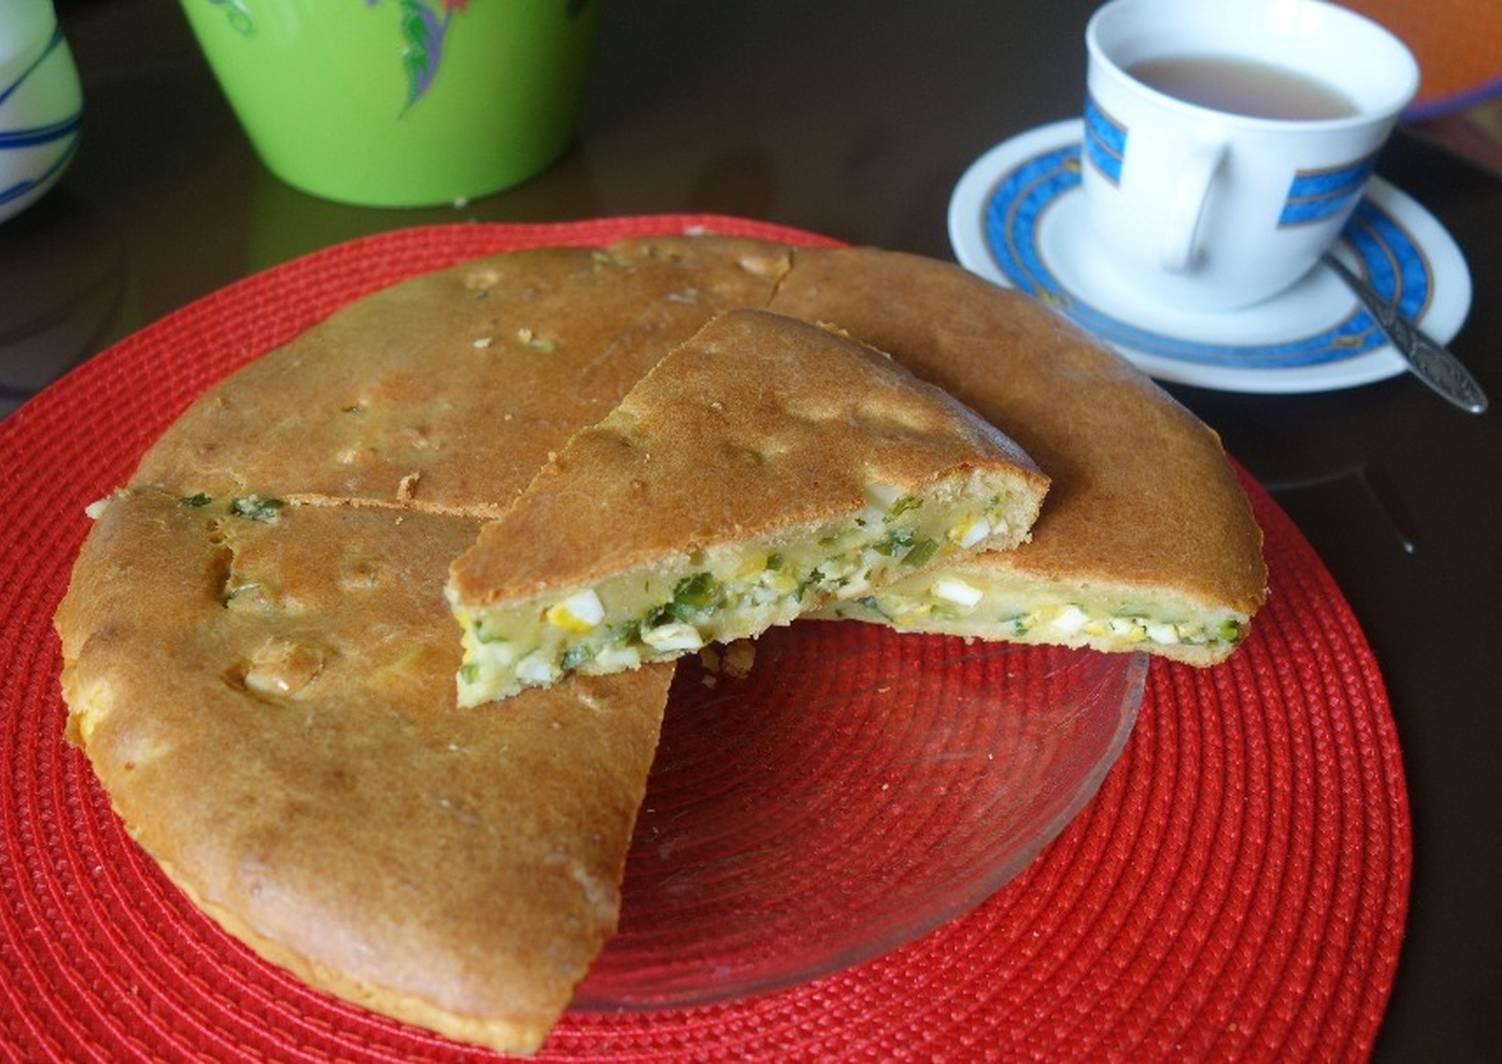 палитрой пирог с сыром и зеленым луком фото того, использя серию